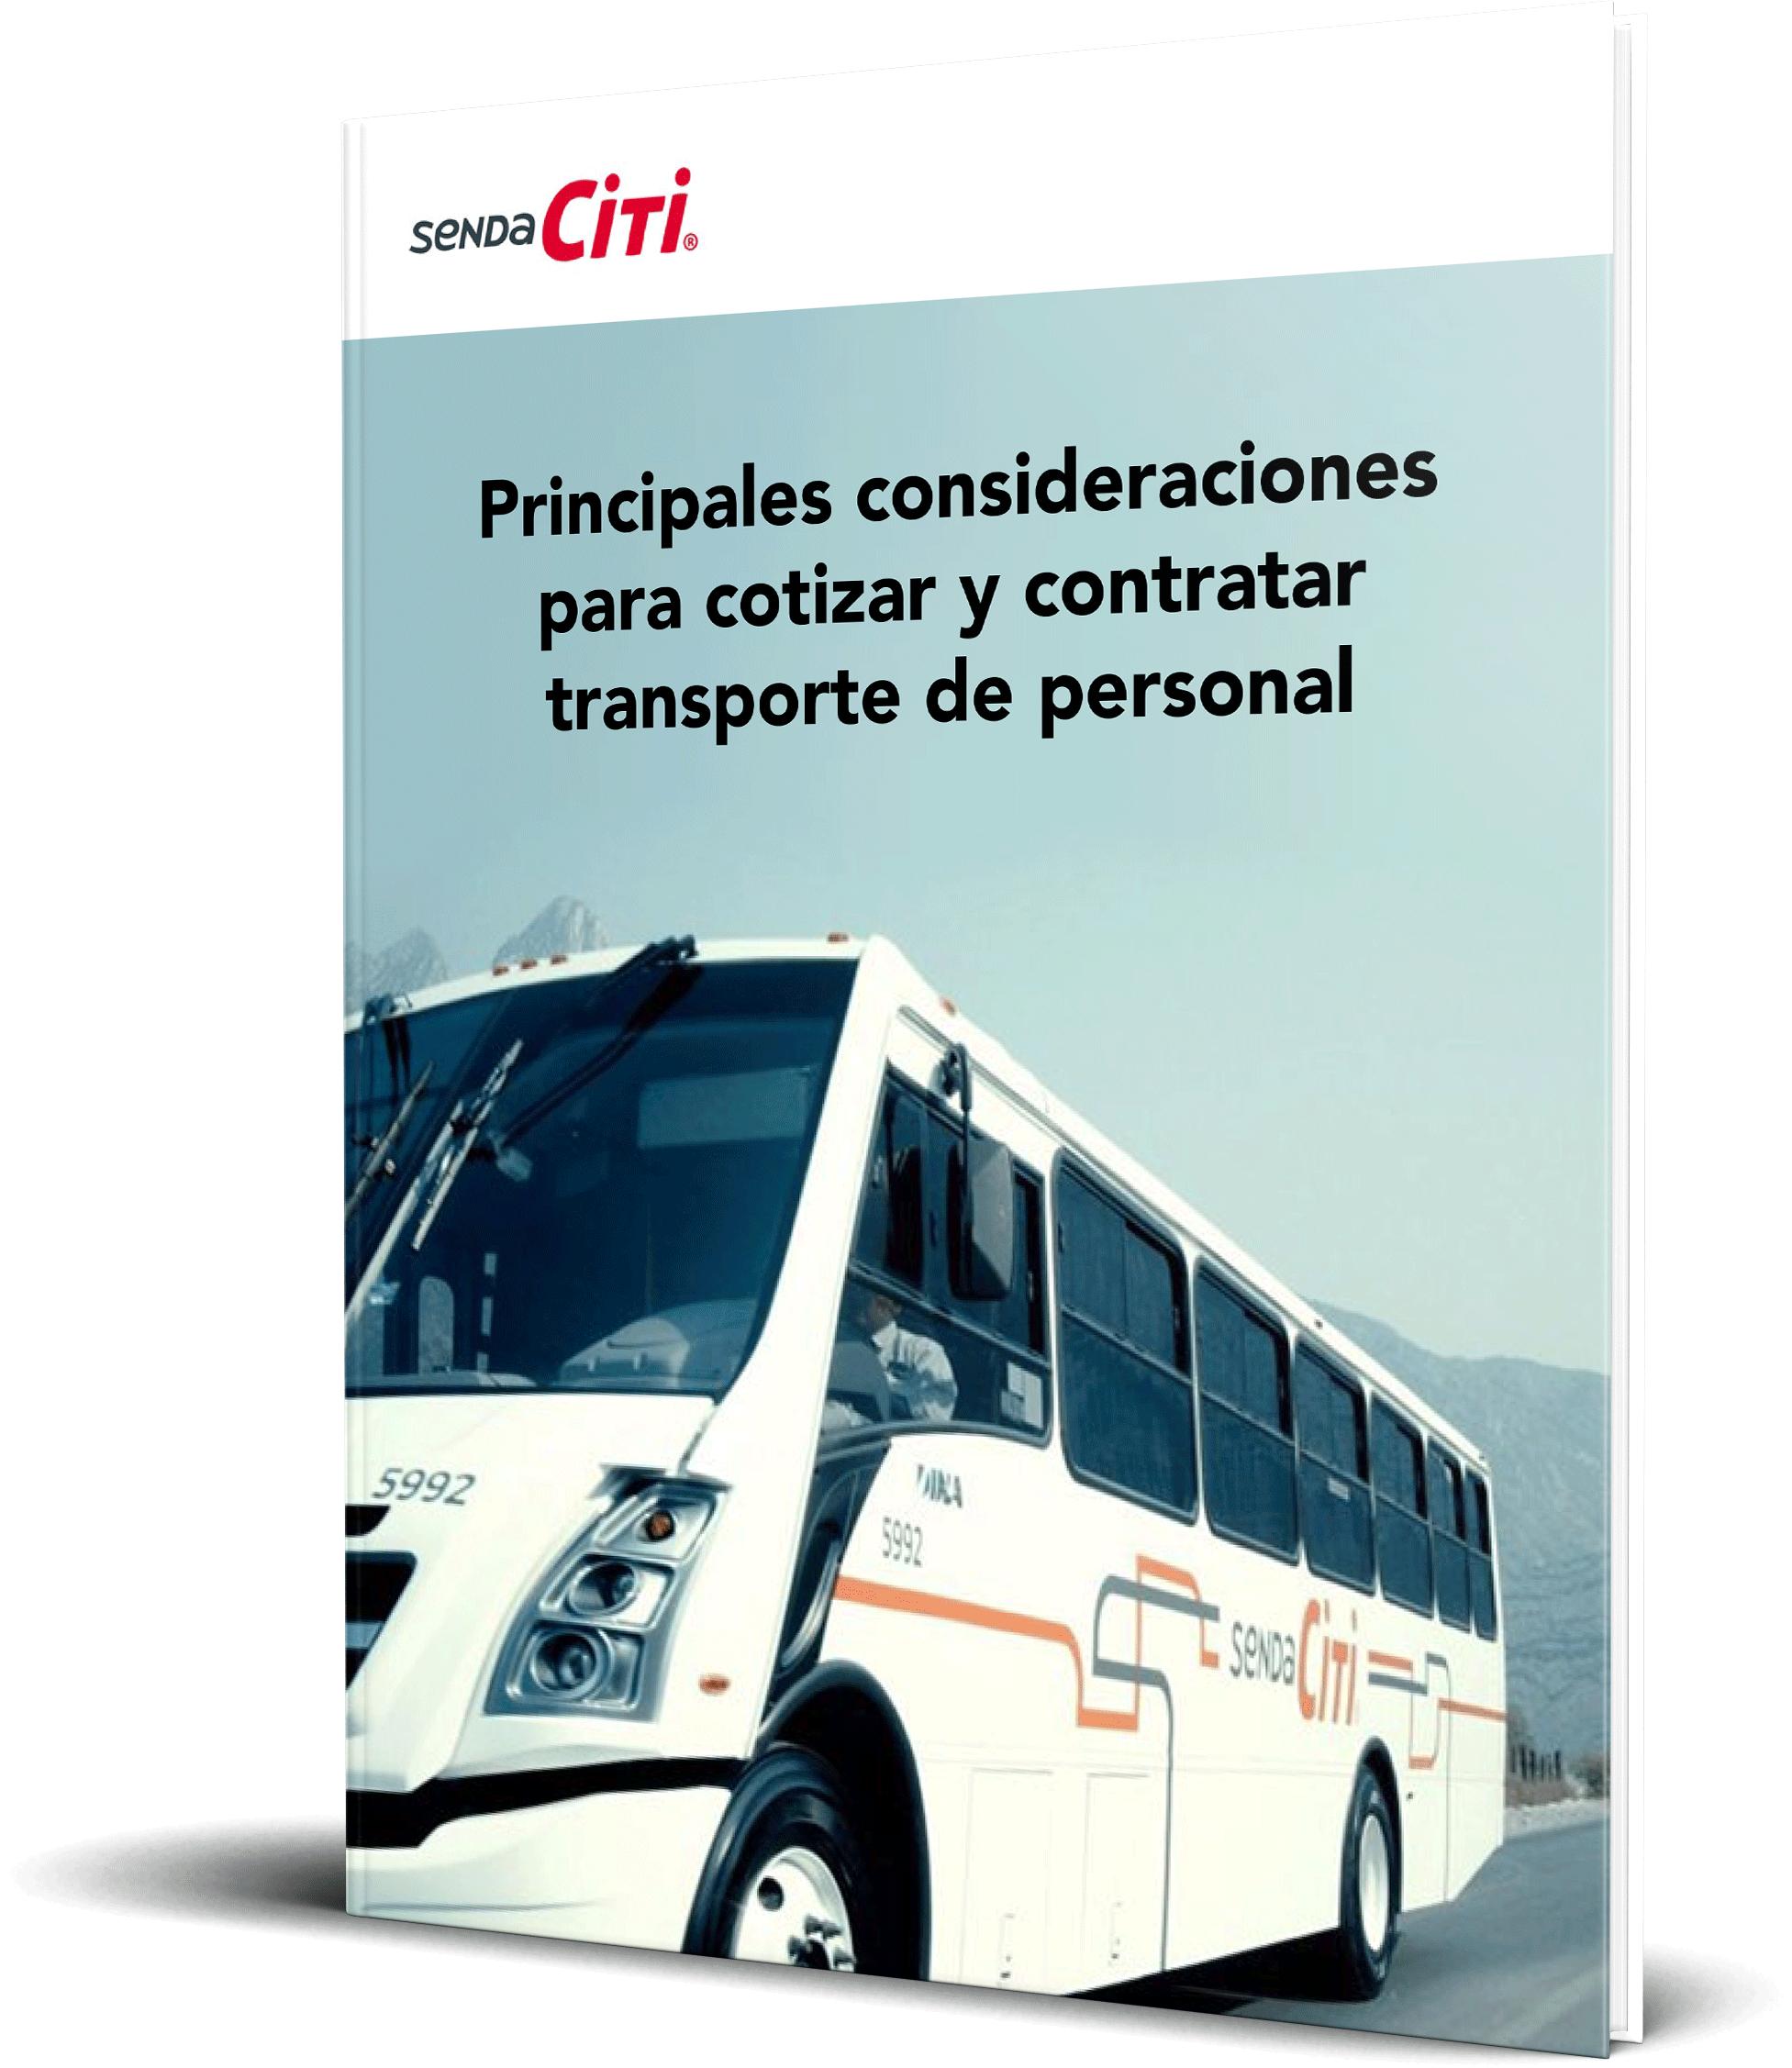 principales-consideraciones-para-cotizar-y-contratar-transporte-de-personal_Mockup-eBook-senda-citi